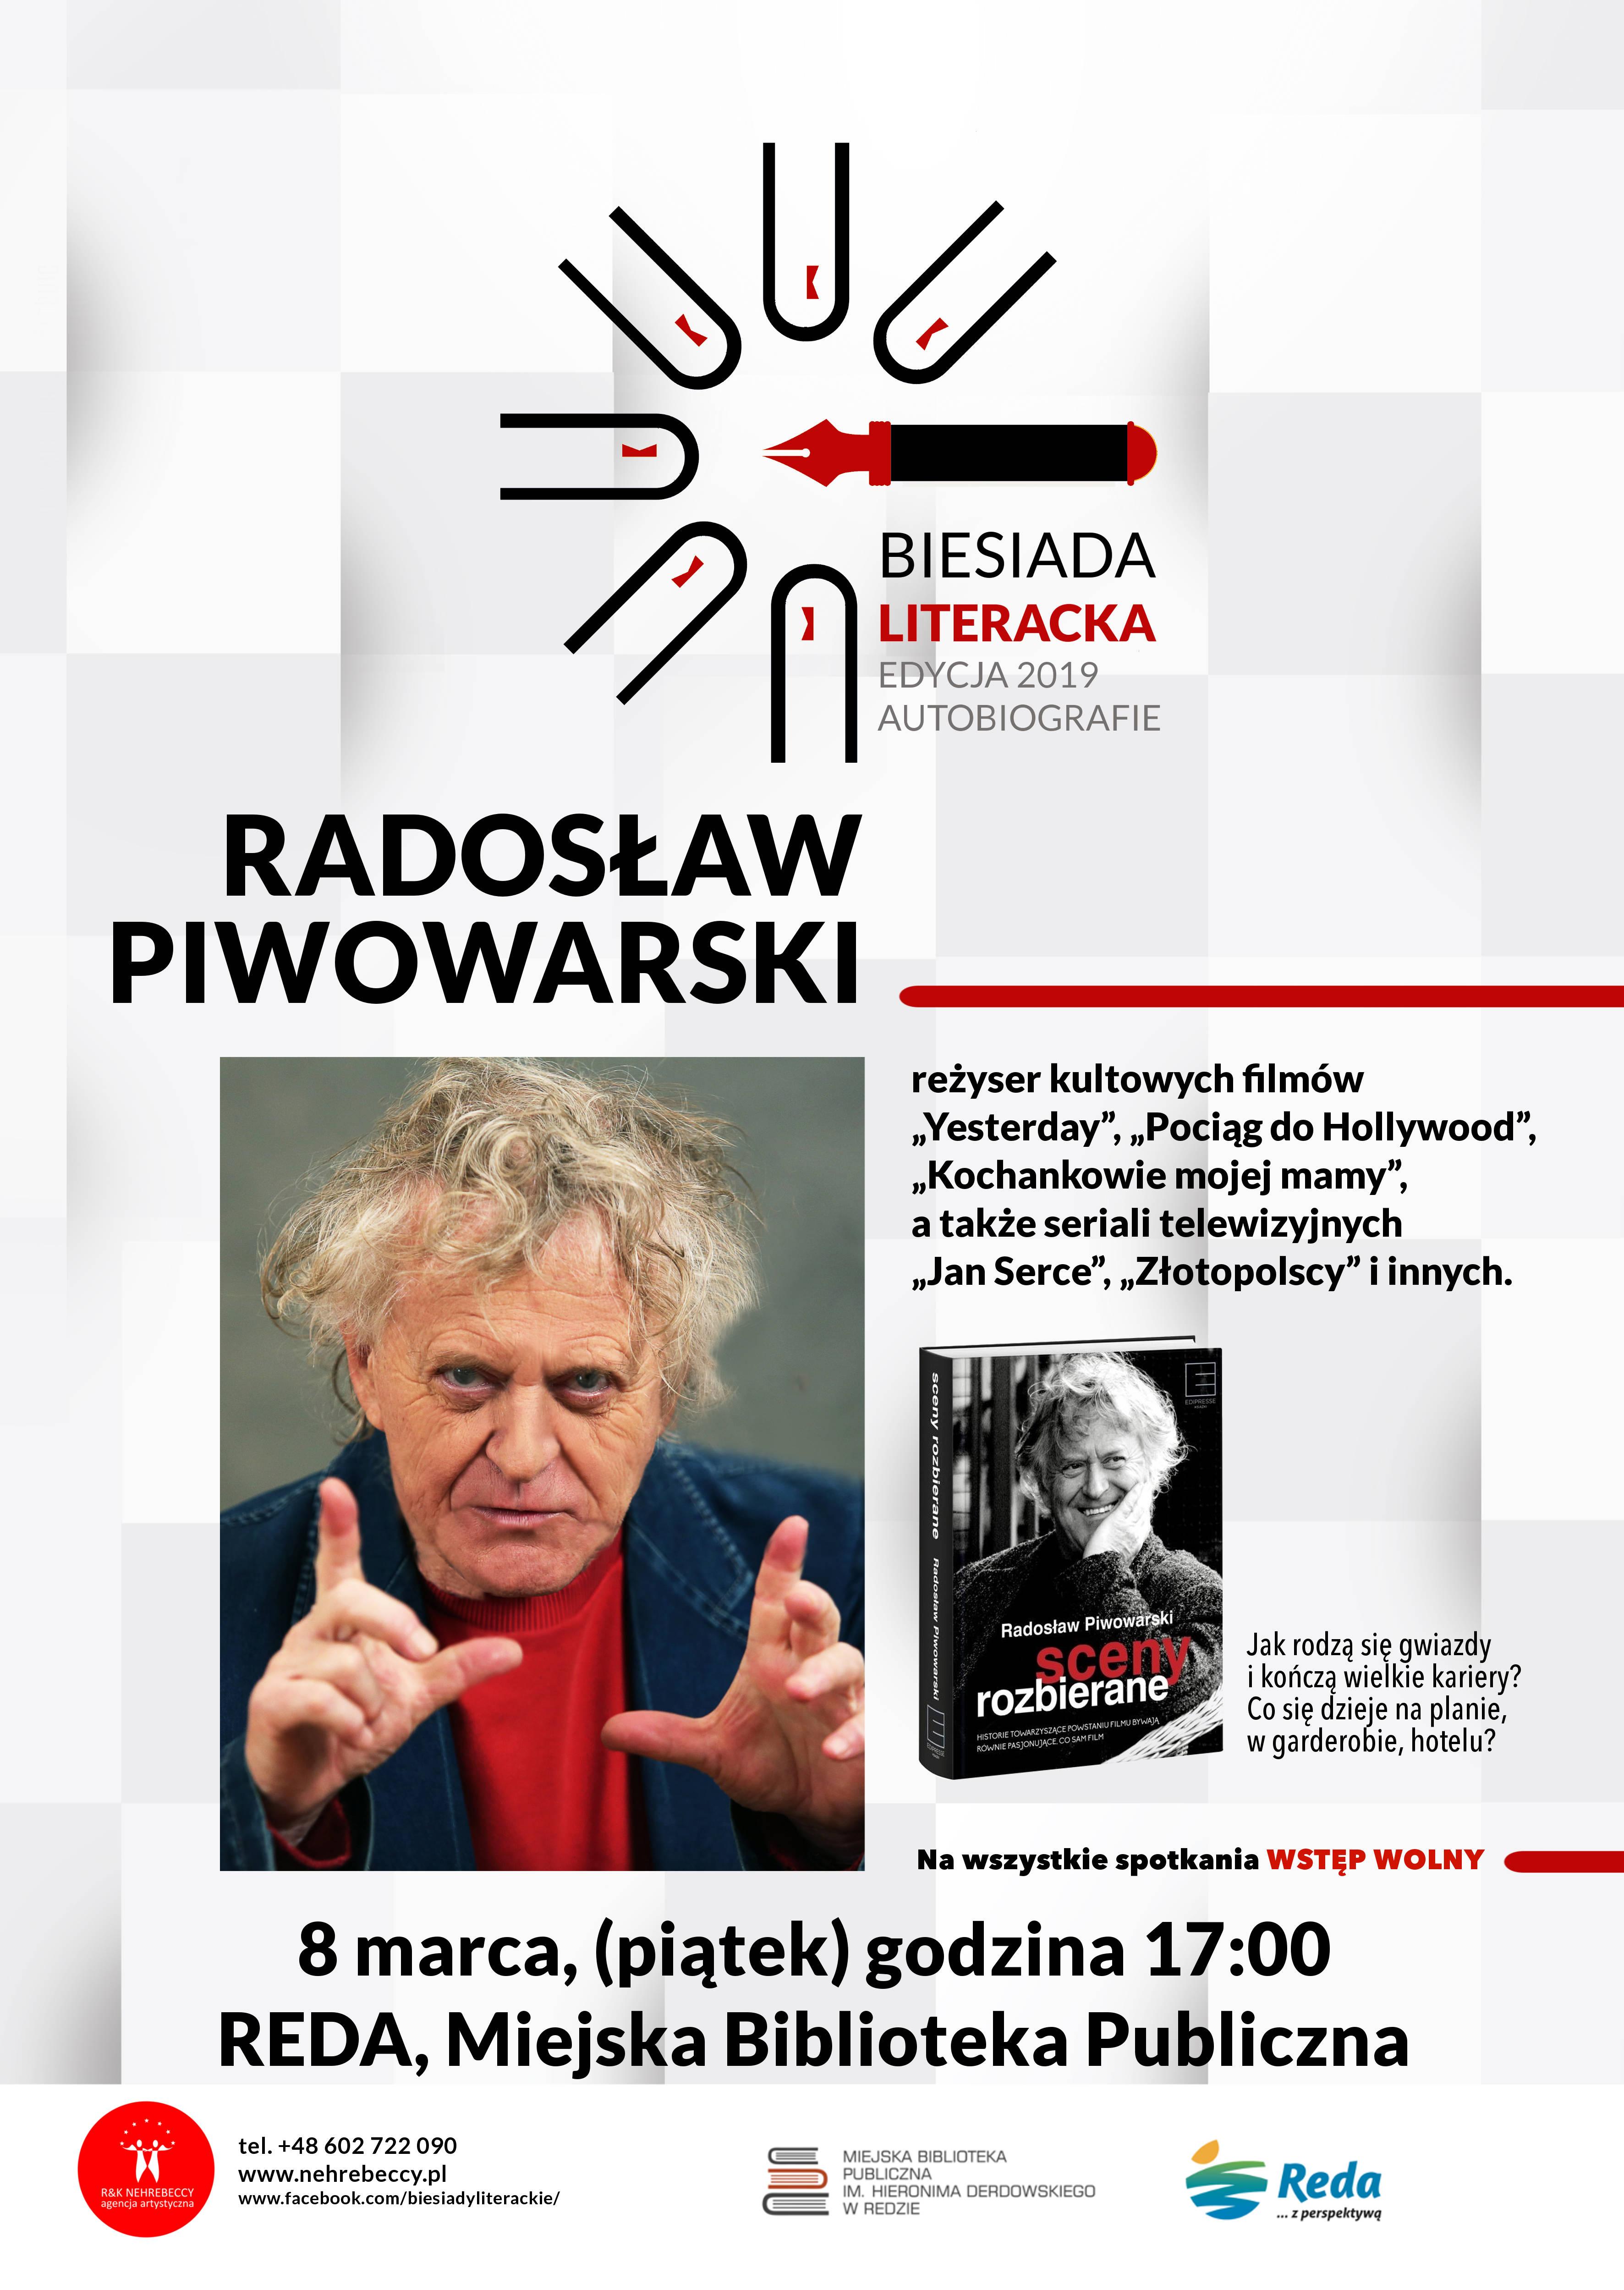 Biesiada Literacka z Radosławem Piwowarskim w redzkiej bibliotece